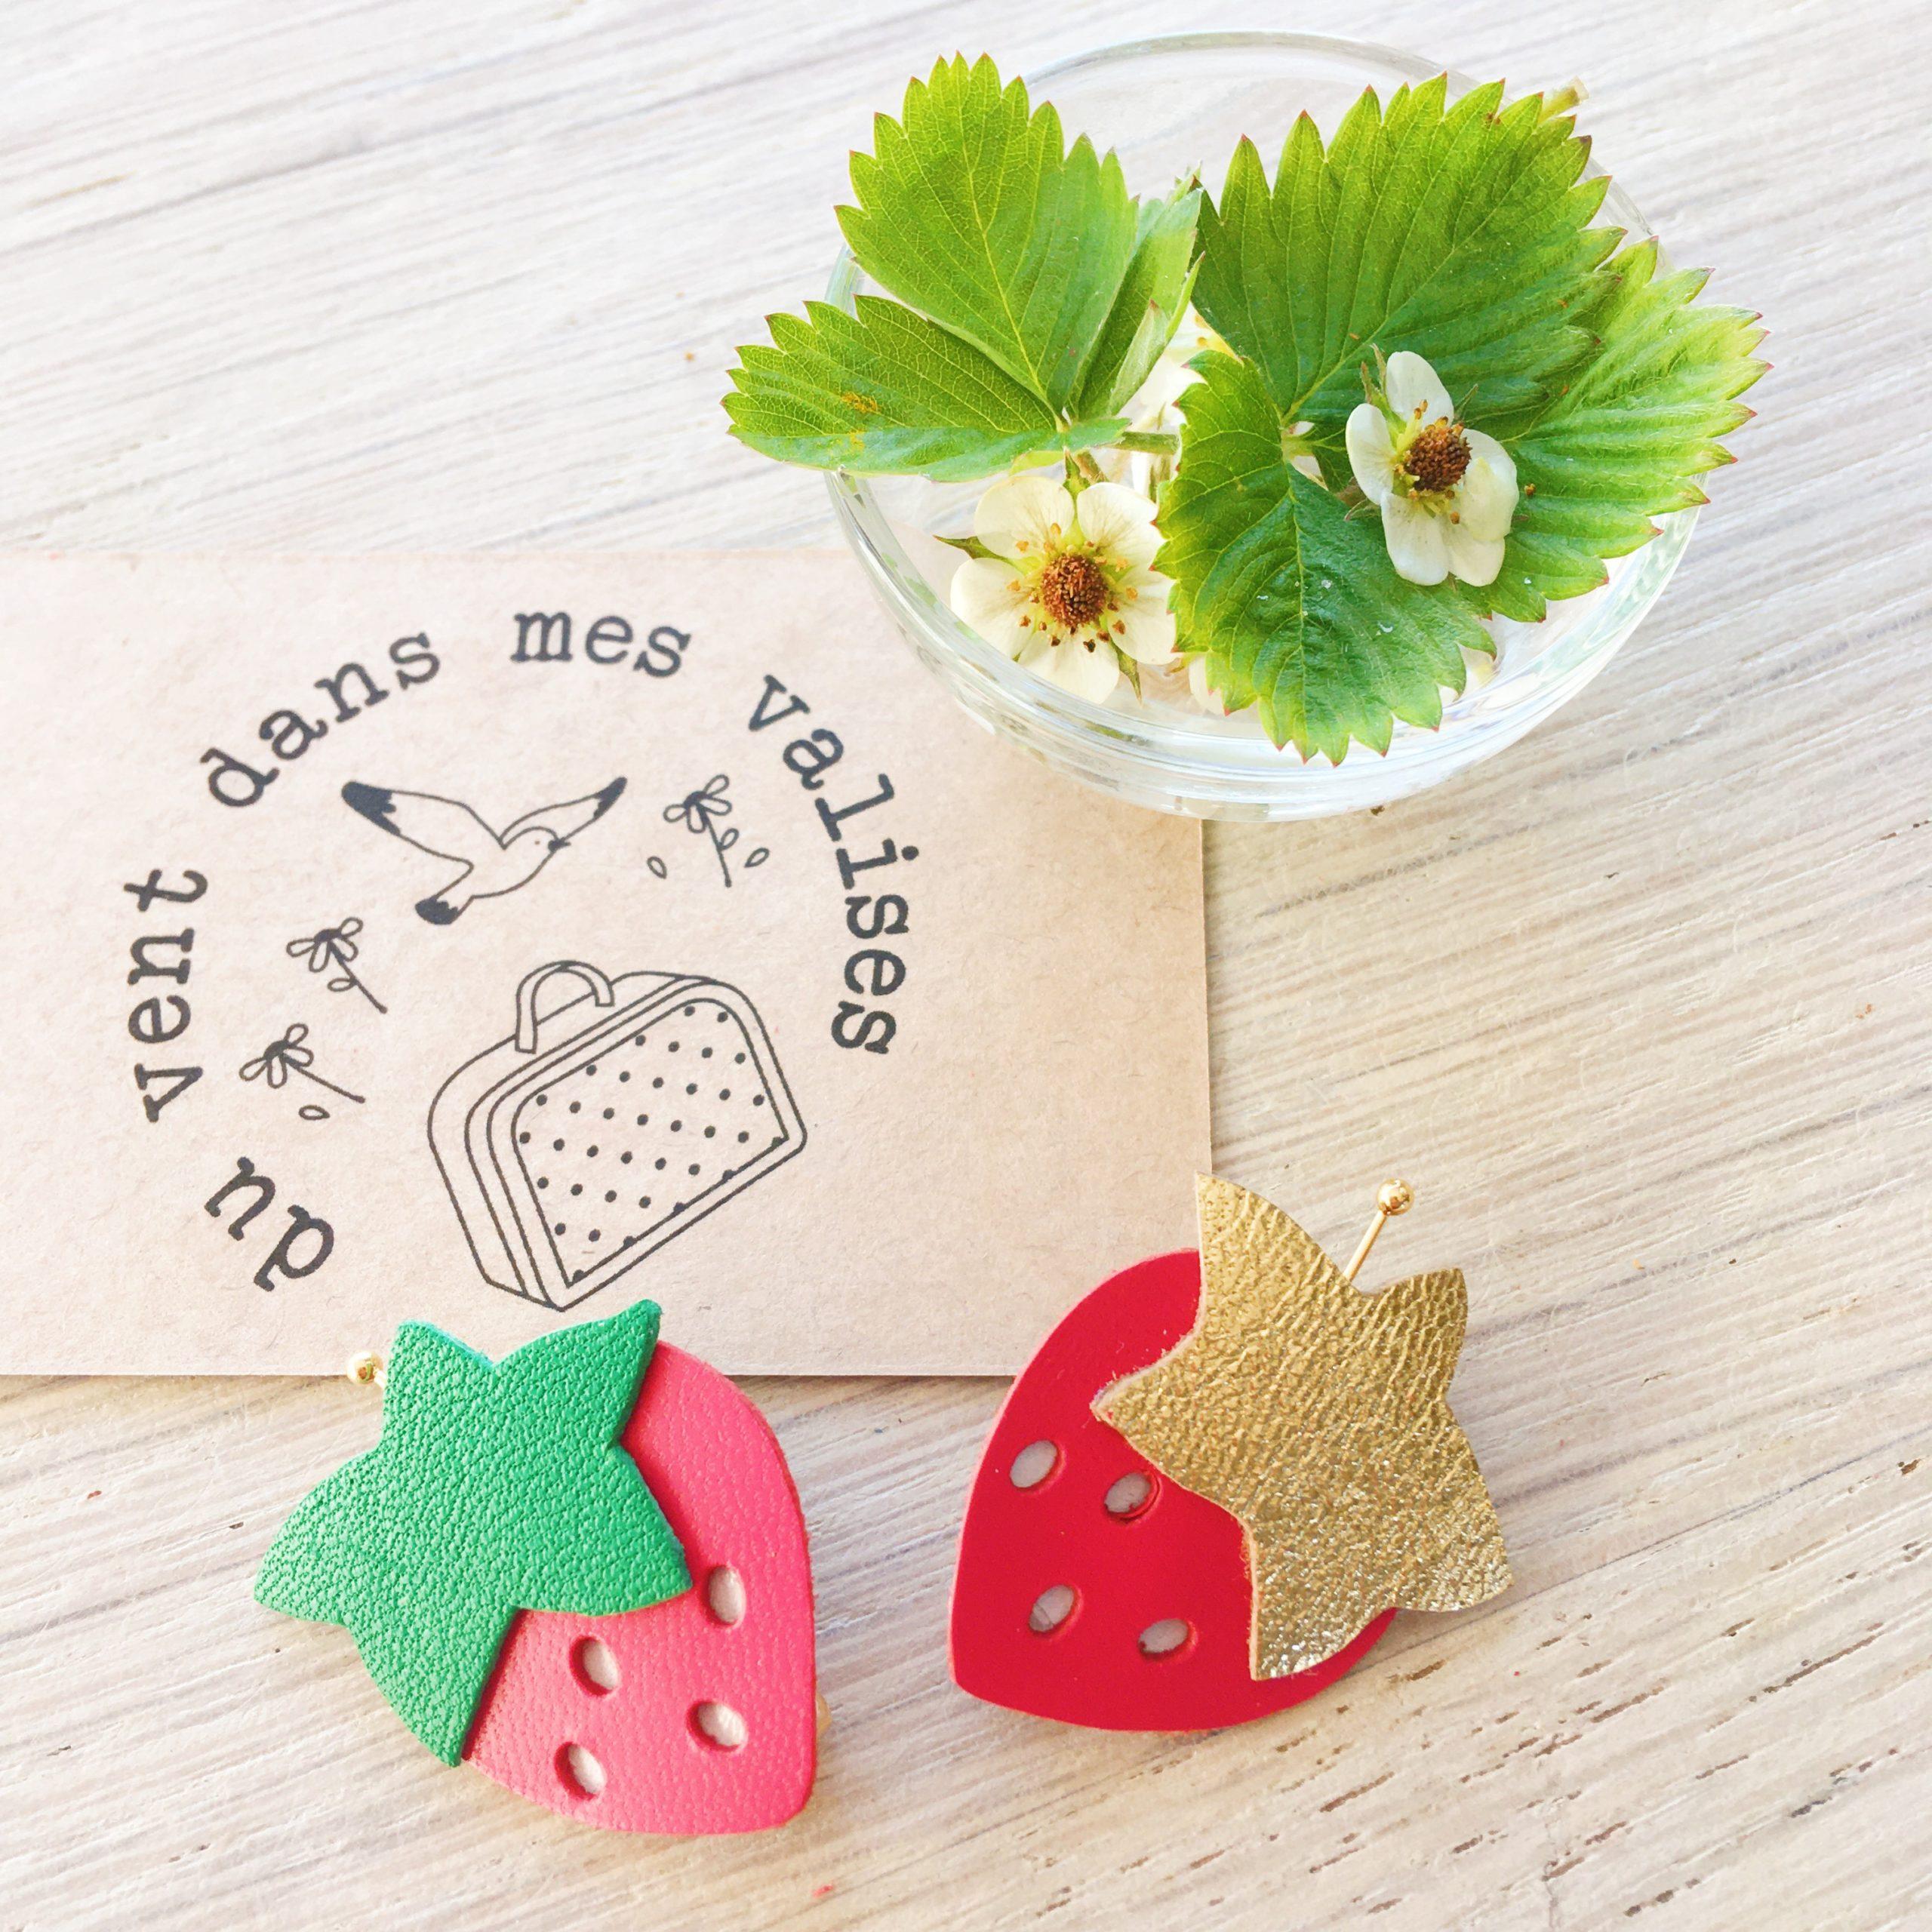 broches fraises à croquer made in france - du vent dans mes valises